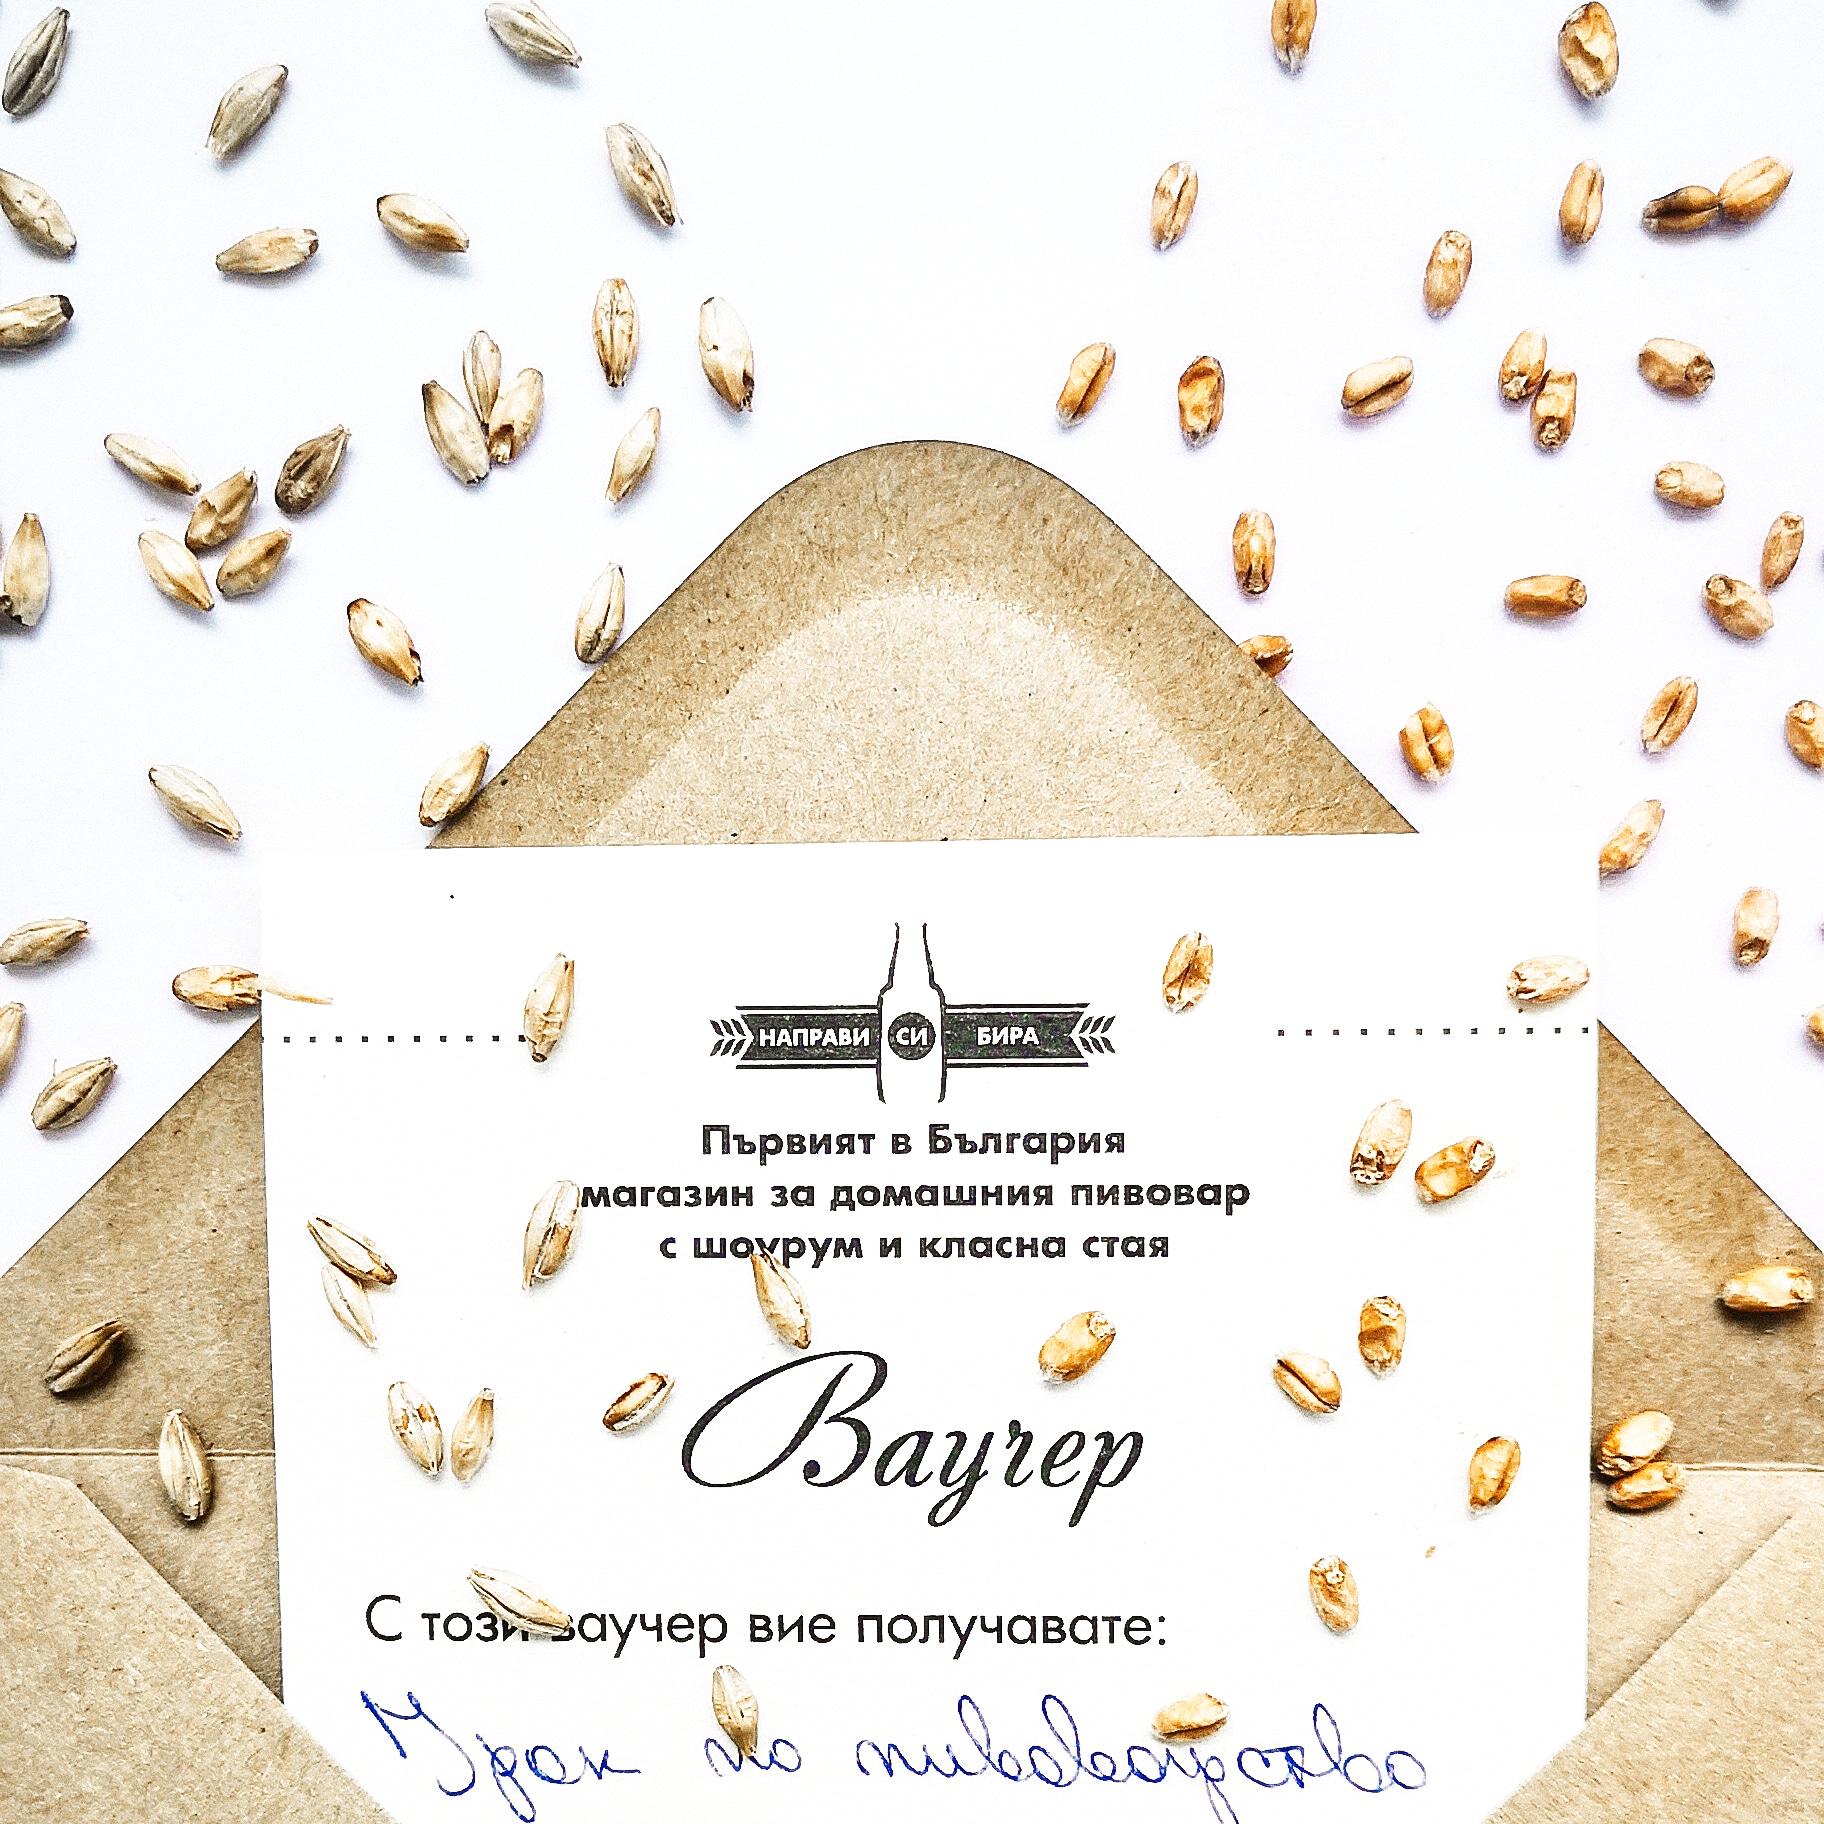 Урок по пивоварство – В края на урока всеки участник получава сертификат за участие, подписан от пивовара, Направи си бира ООД